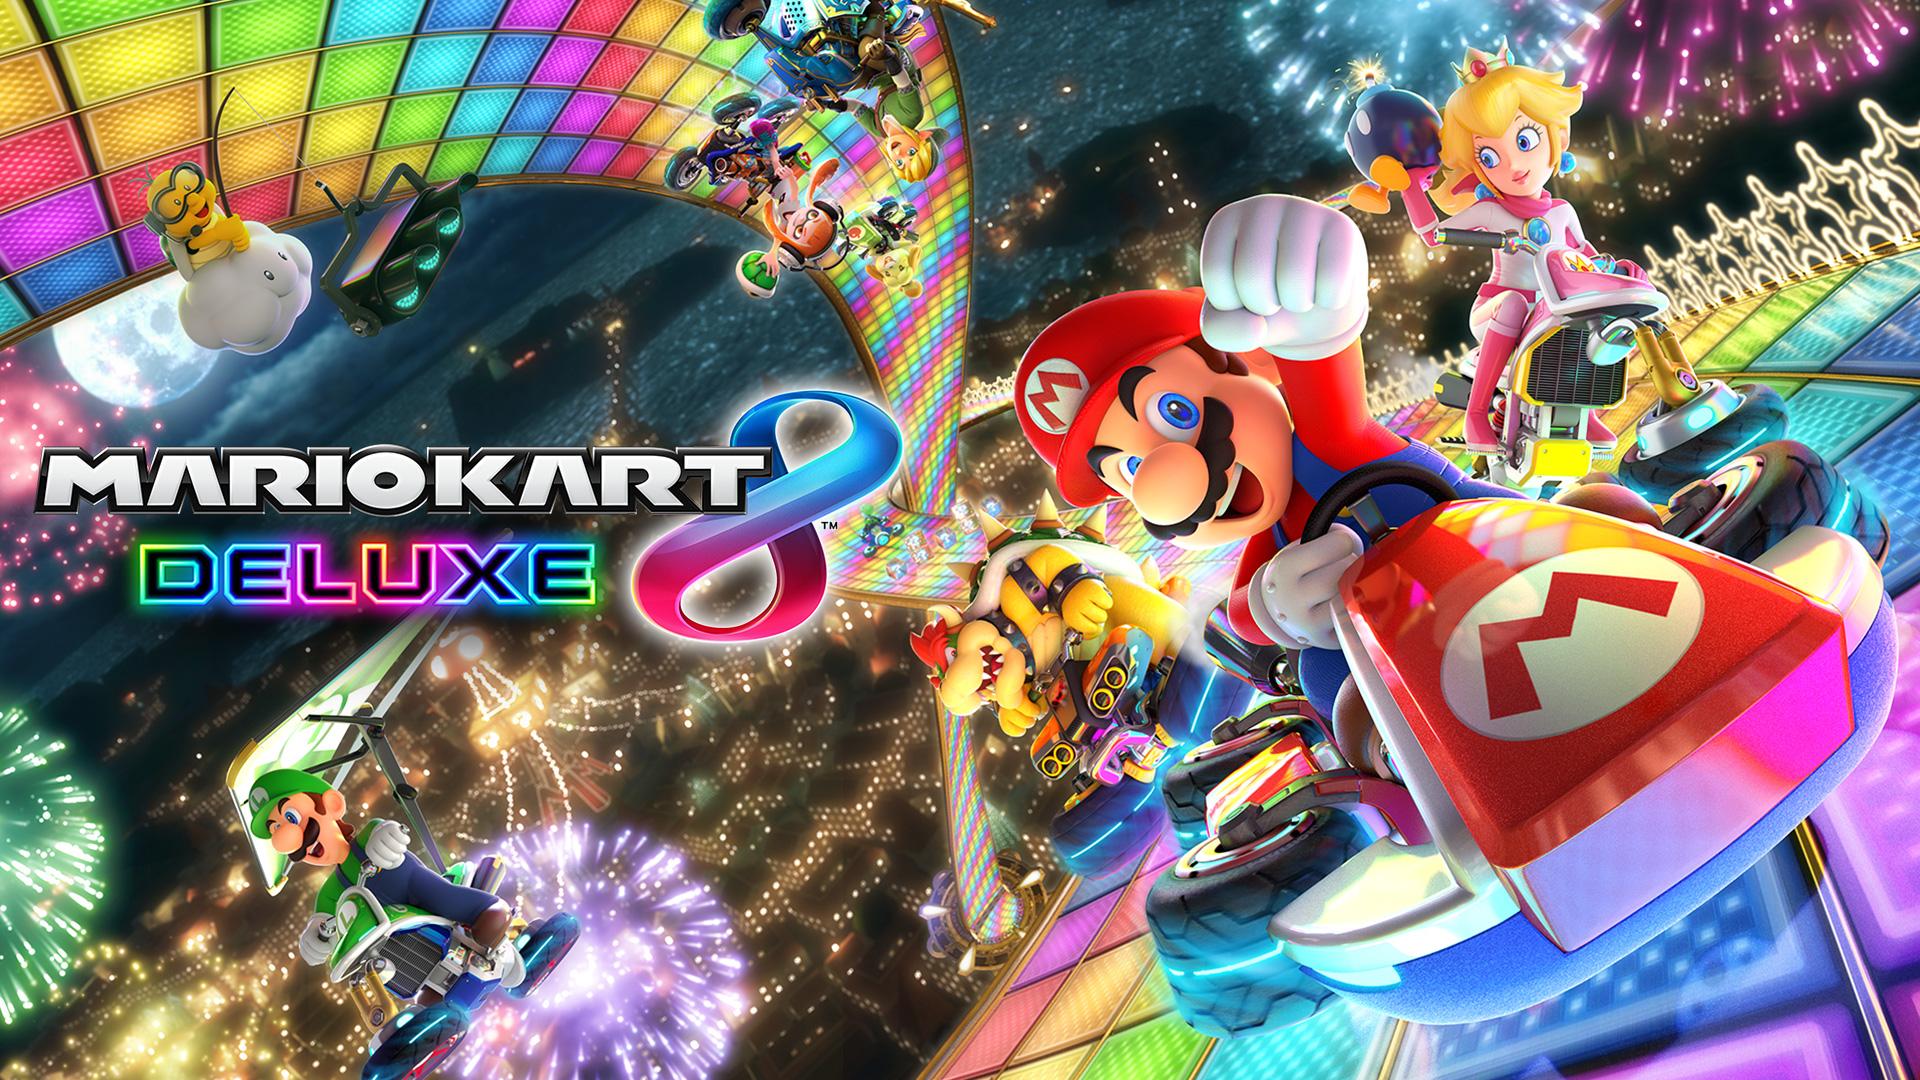 خرید بازی Mario Kart 8 Deluxe - Nintendo switch